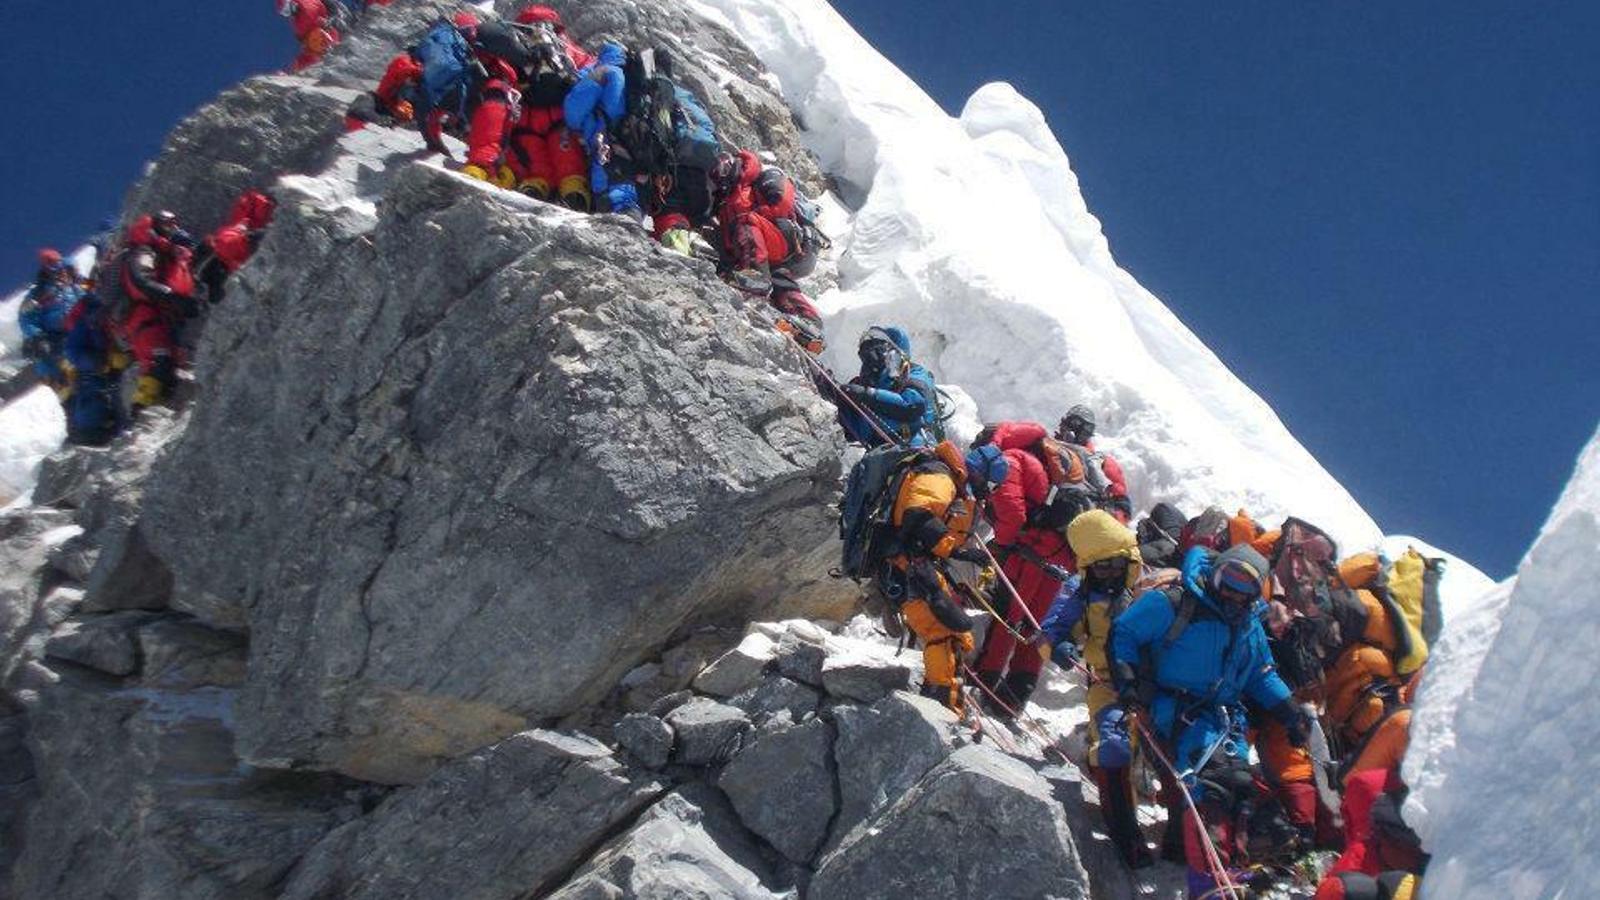 Ja són deu els muntanyistes morts a l'Everest aquesta temporada